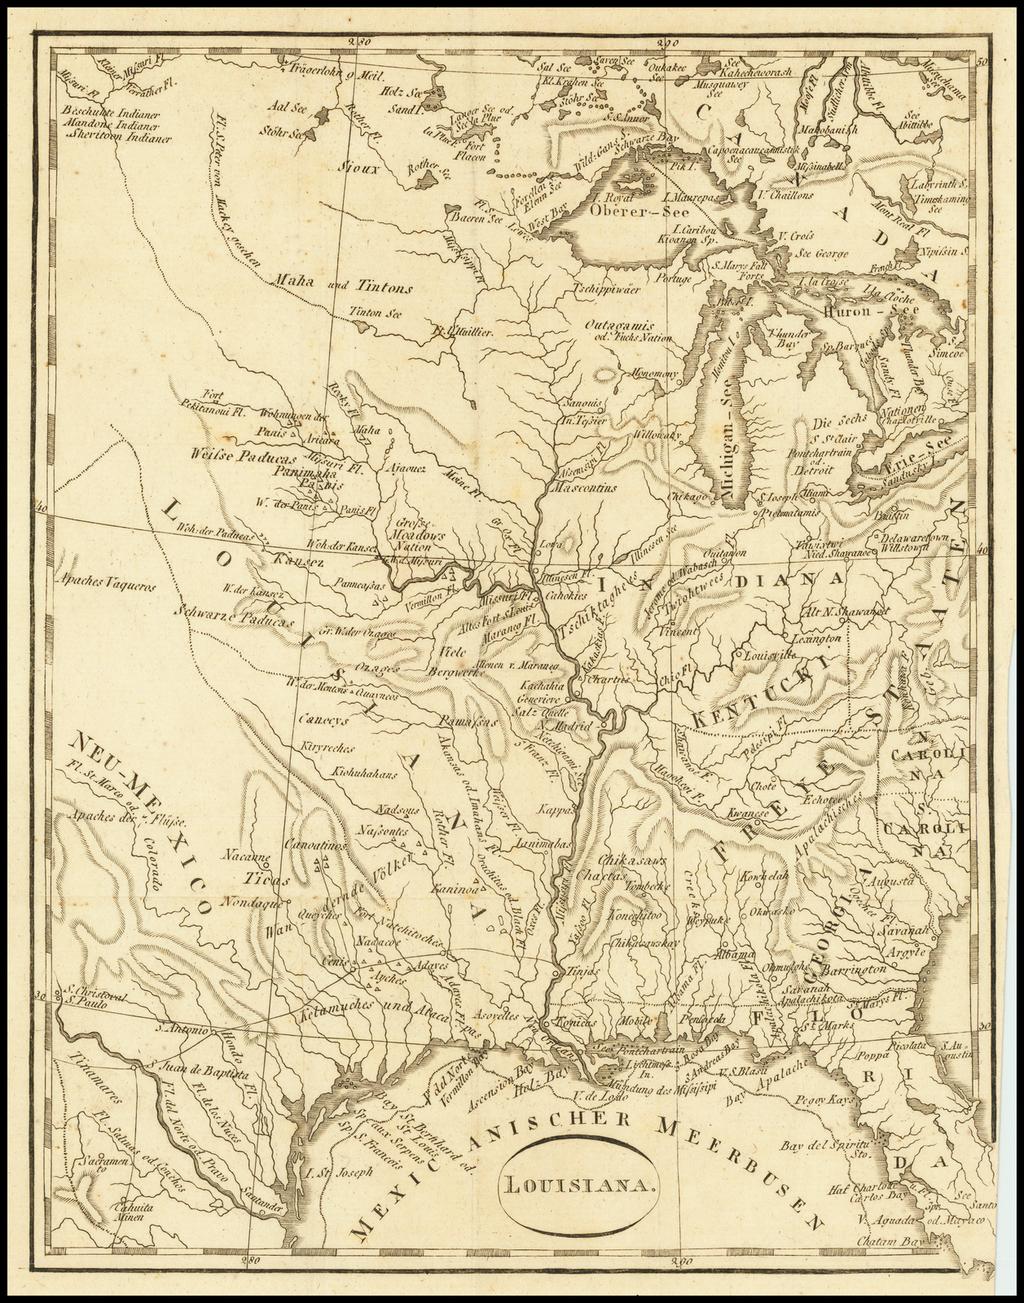 Louisiana (Louisiana Territory) By T.F. Ehrmann